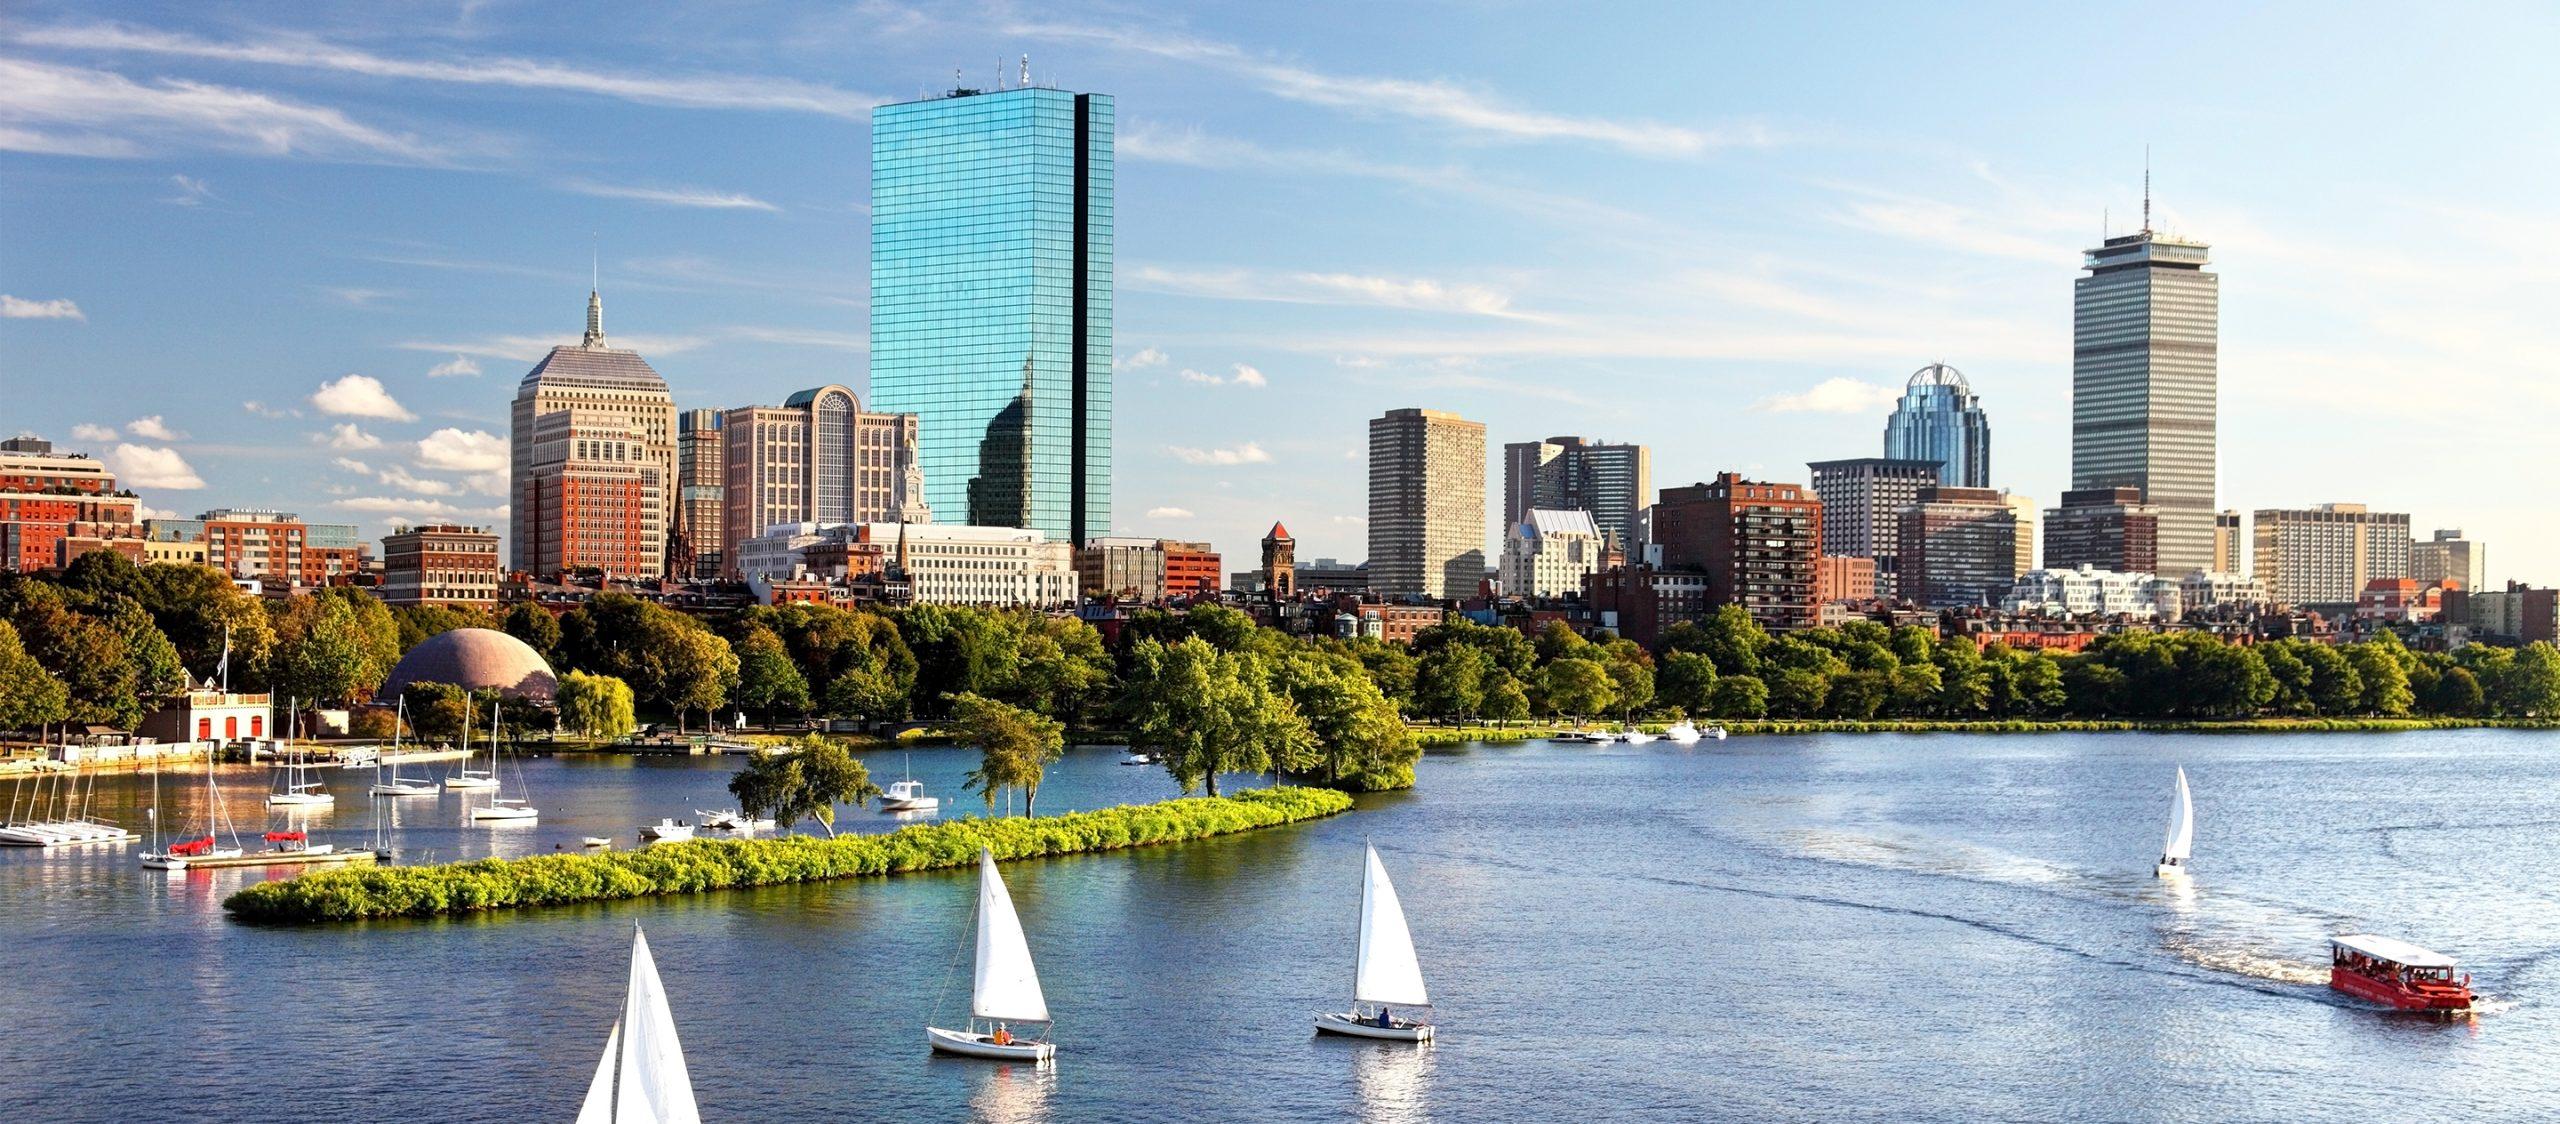 Boston Greenway : ยกระดับทางยกระดับด้วยการเปลี่ยนทางยกระดับให้เป็นพื้นที่สีเขียว